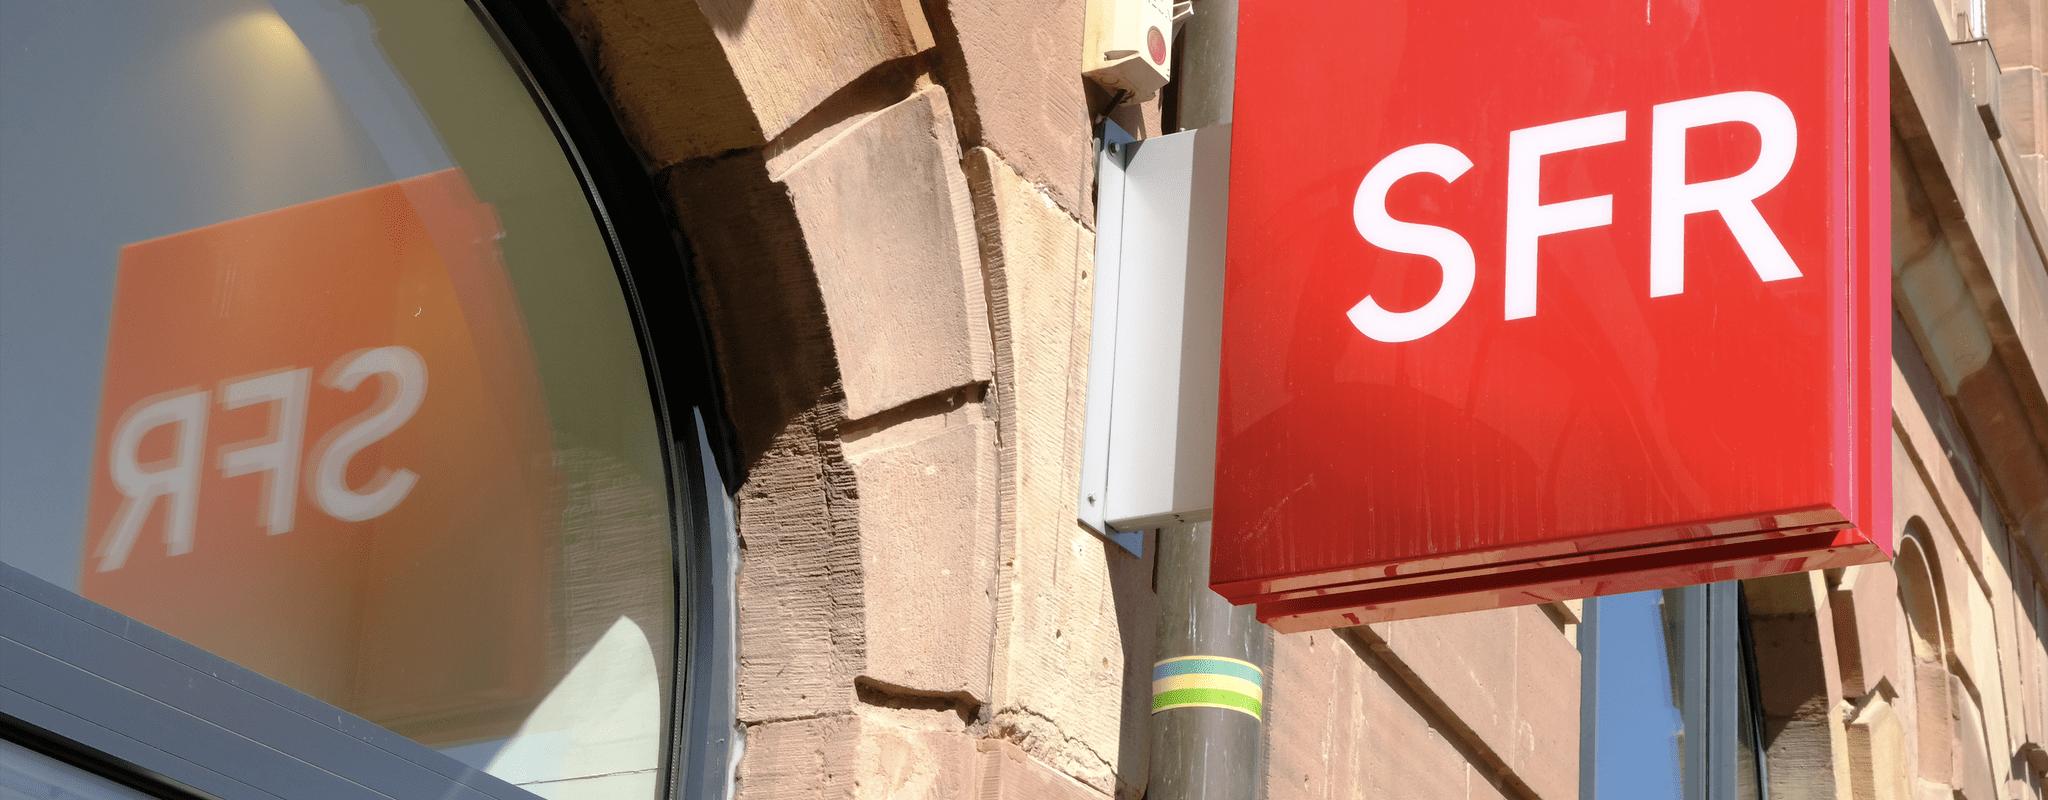 Assurances et services forcés, les pratiques de la boutique SFR de la place Kléber dénoncées